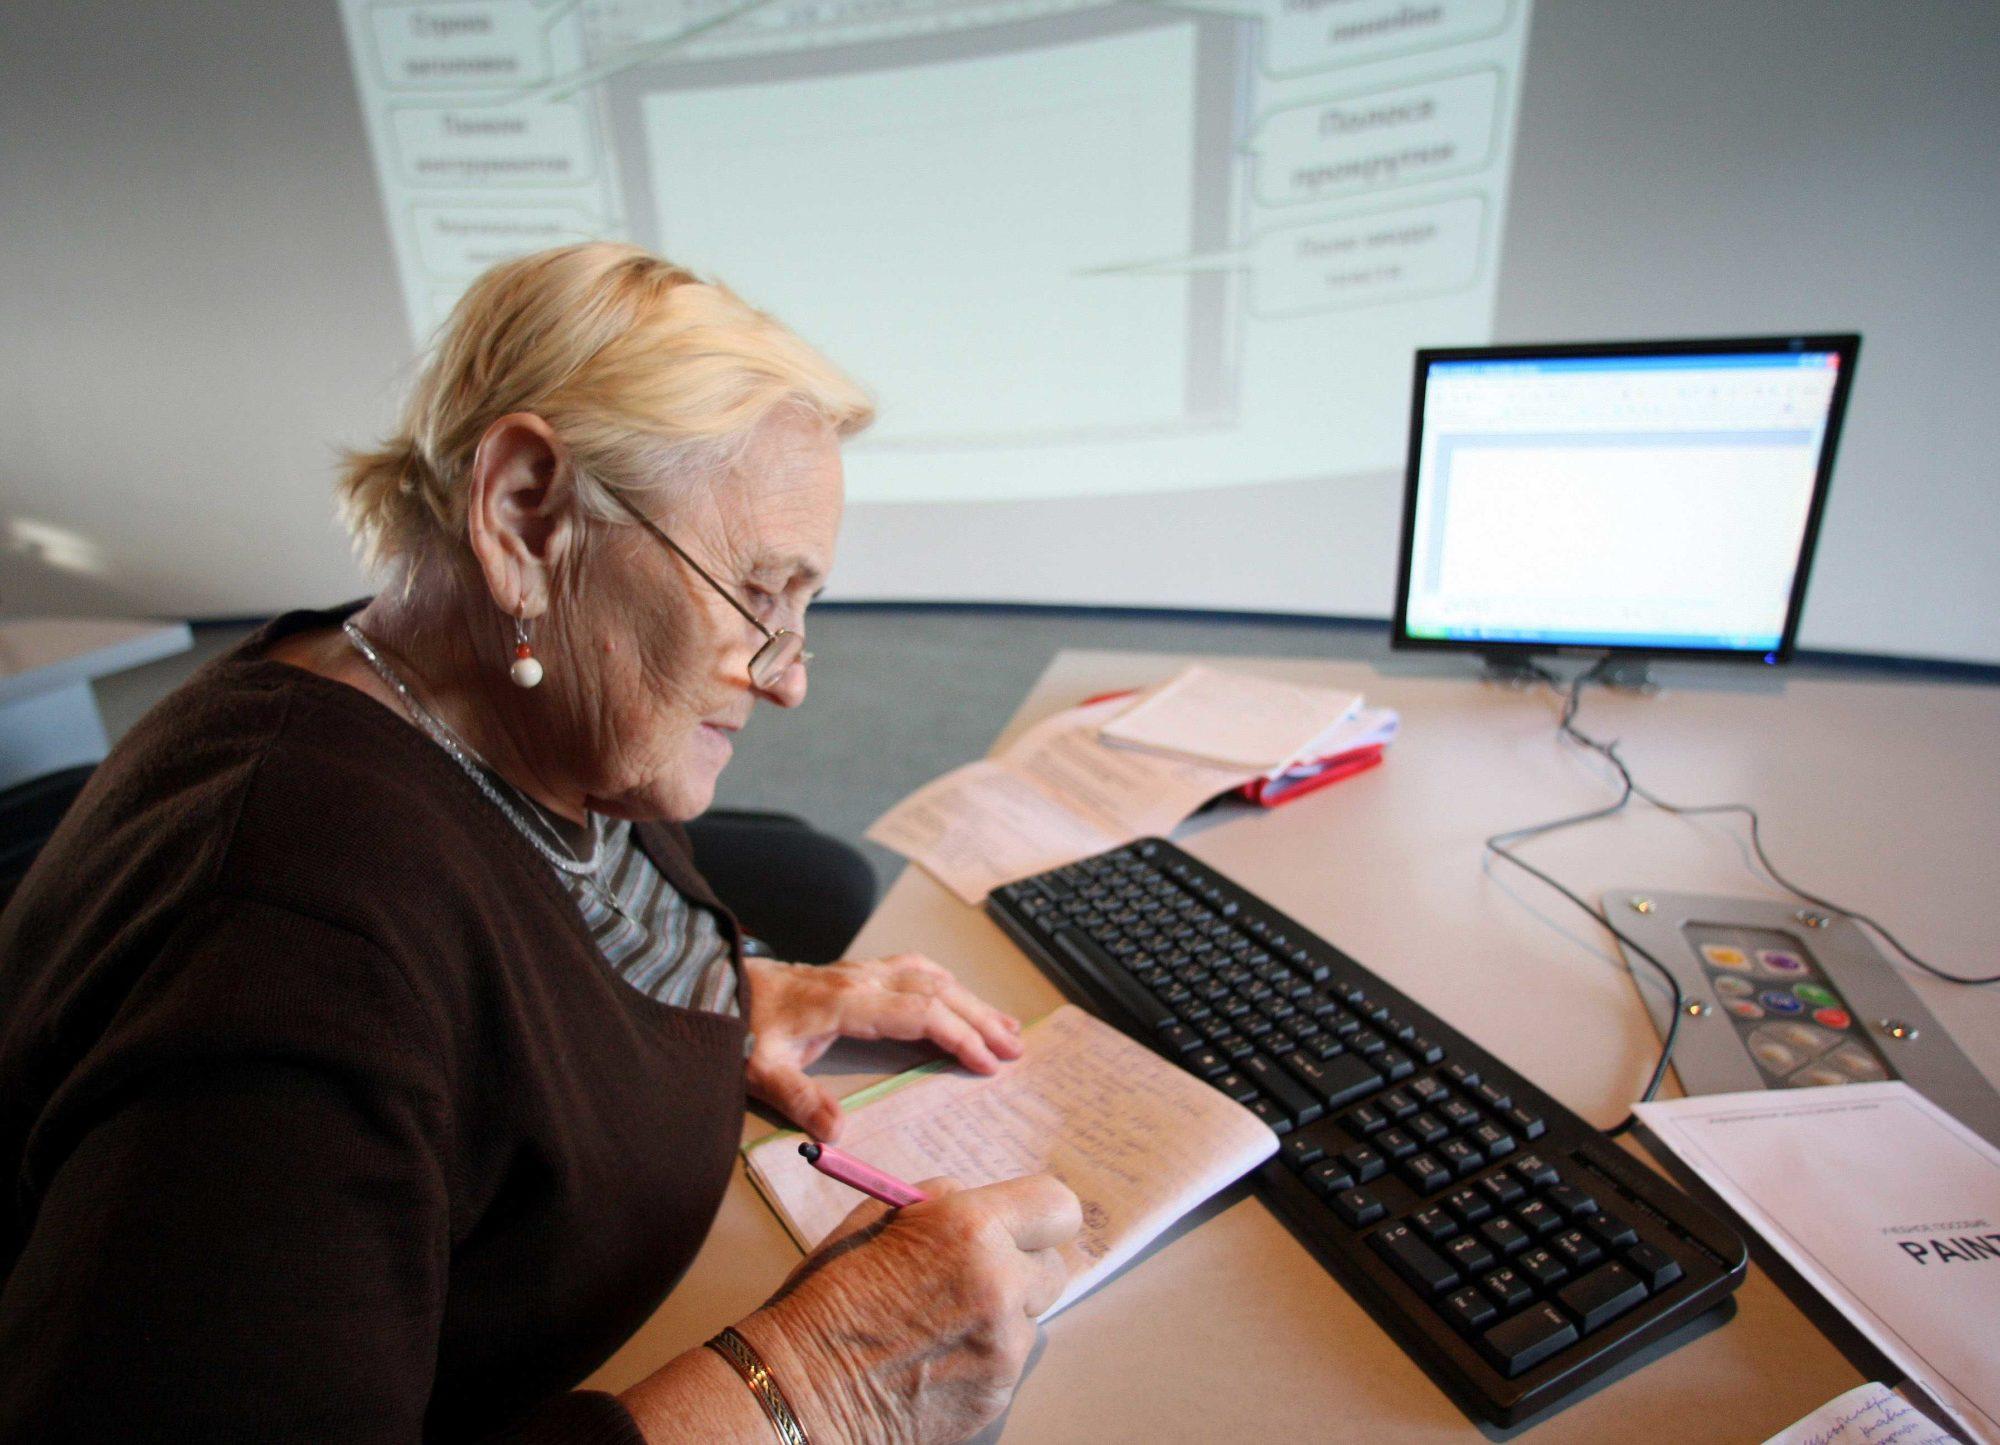 Працюючим пенсіонерам підвищили виплати -  - Pereraschet pensii rabotayushhim pensioneram v 2017 godu poslednie novosti 2000x1445